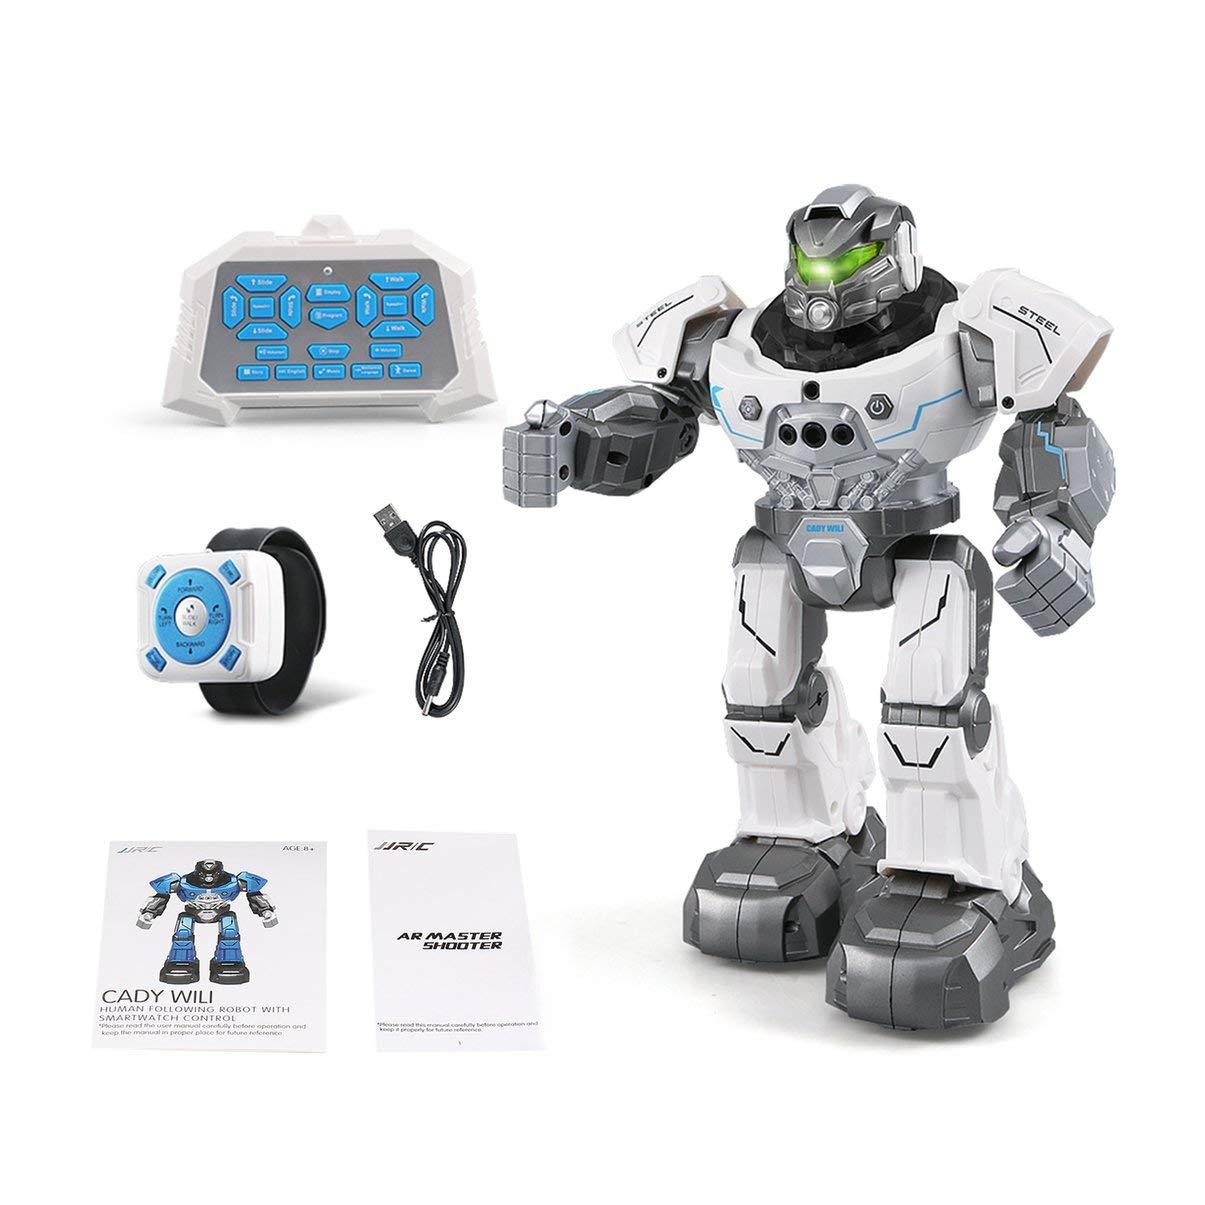 JullyeleDEgant JJR / C R5 Cady WILI Intelligente Roboterfernsteuerung Programmierbar Auto Folgen Geste Sensor Music Dance RC Spielzeug Kinder Geschenk